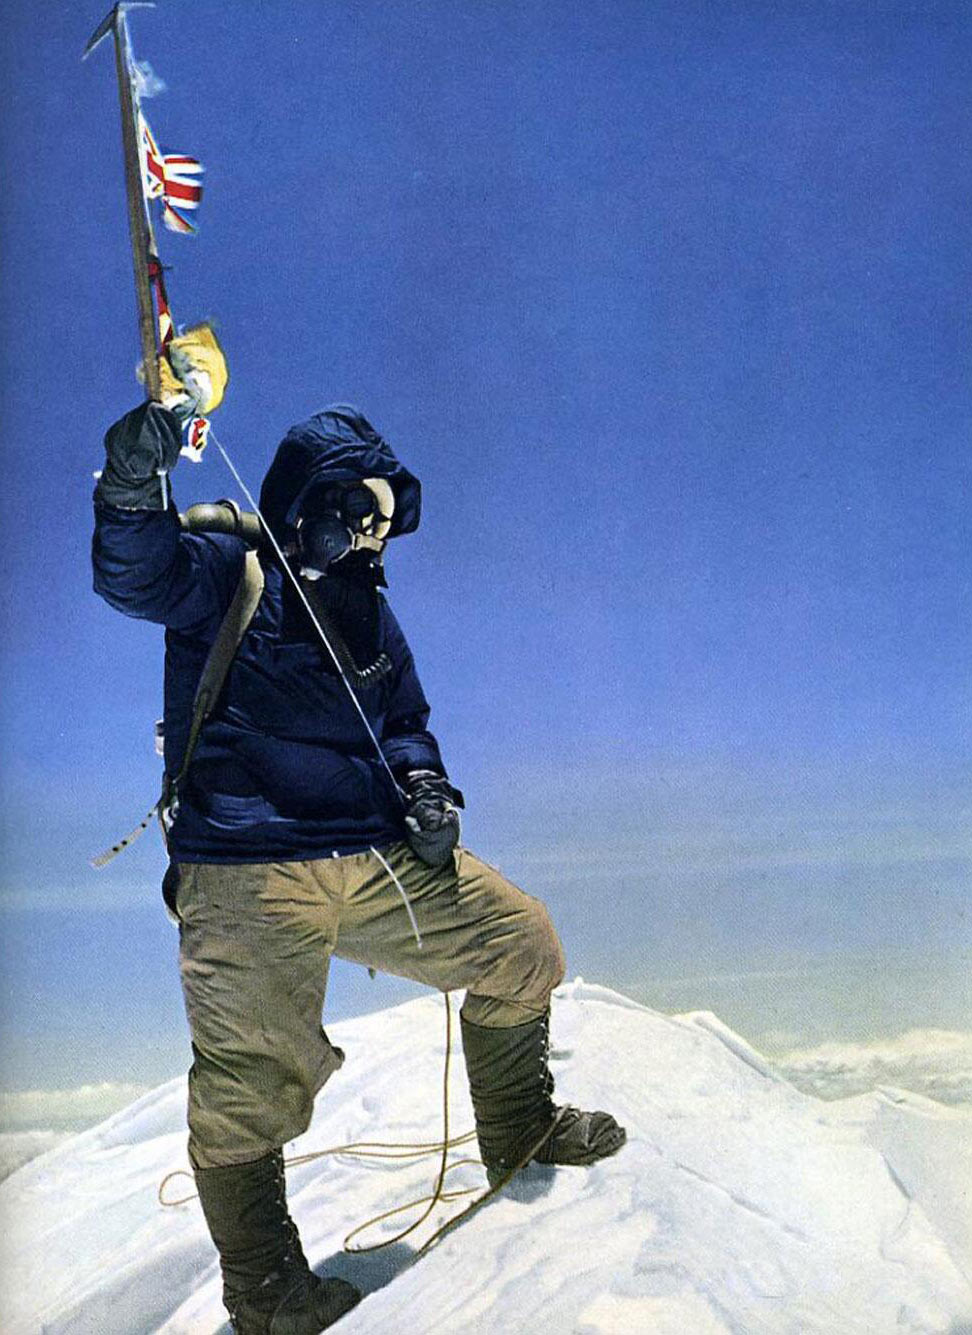 Почти двухметрового роста новозеландец Эдмунд Хиллари сфотографировал малорослого шерпа на снежном куполе с поднятым ледорубом, украшенным флажками ООН, Великобритании, Непала и Индии